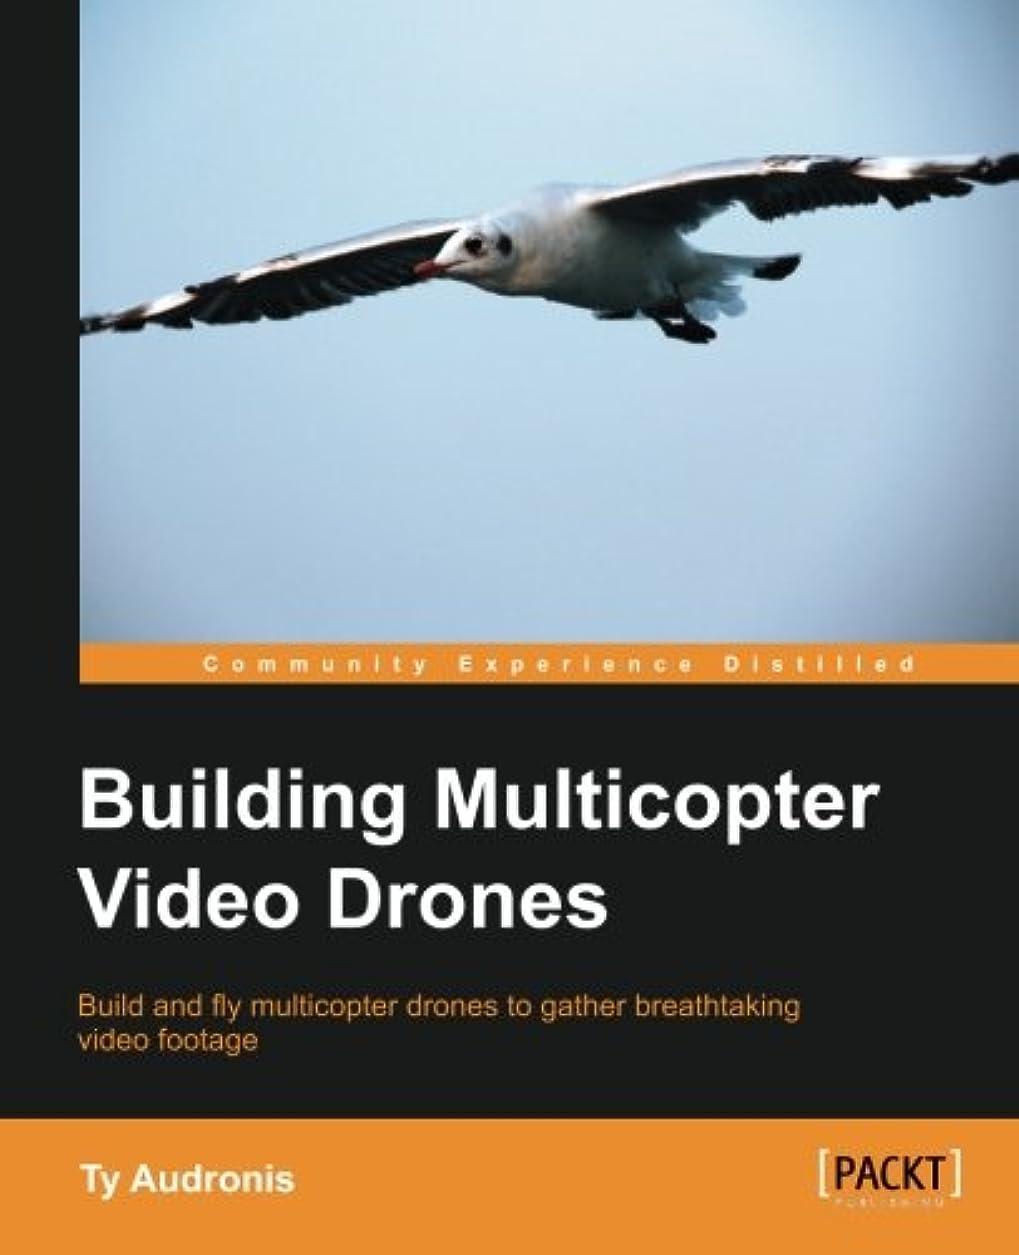 不屈薬剤師任命するBuilding Multicopter Video Drones: Build and Fly Multicopter Drones to Gather Breathtaking Video Footage